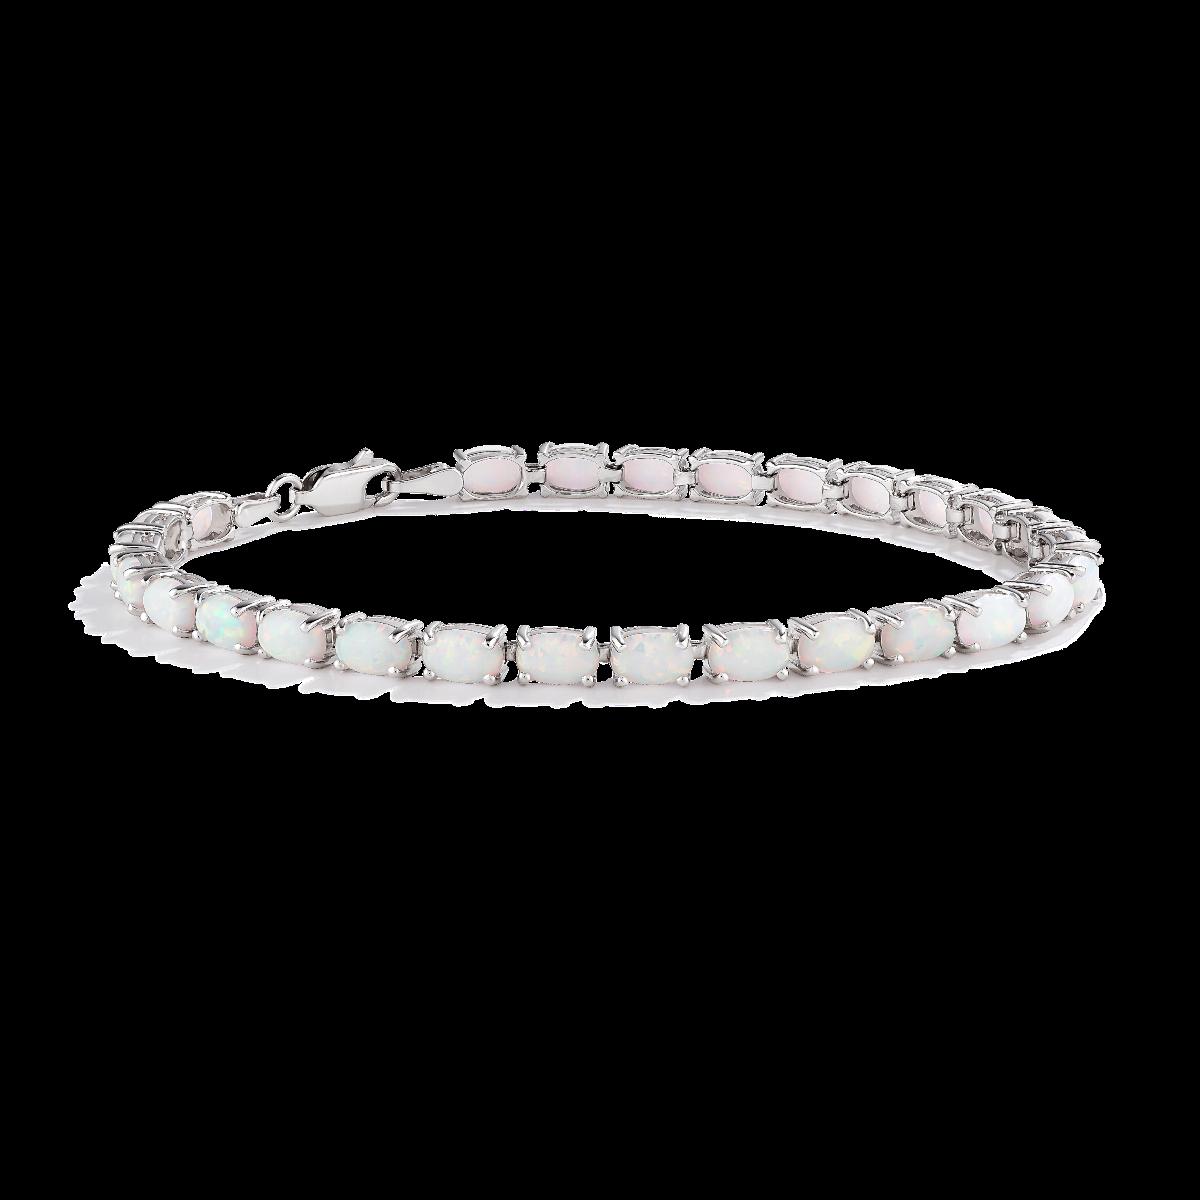 Opal Oval Tennis Sterling Silver Bracelet